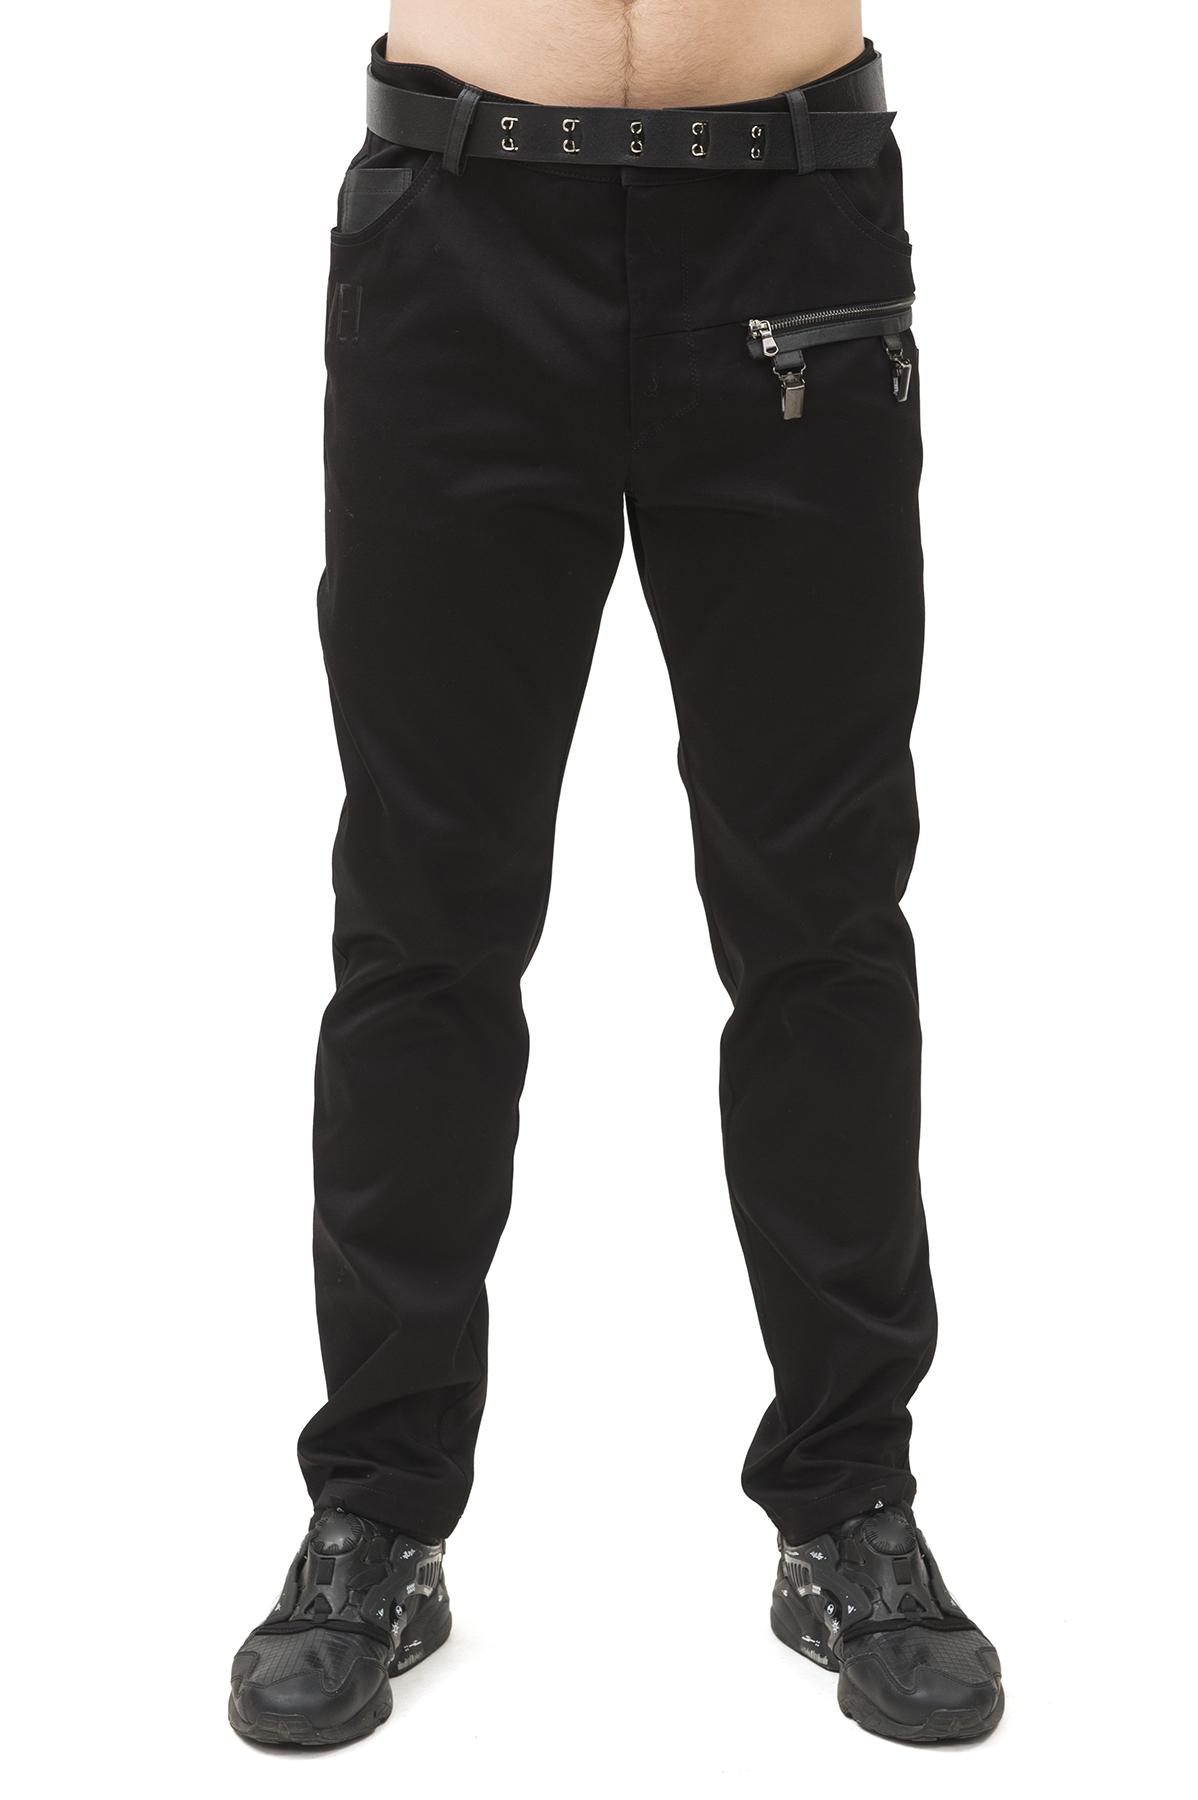 БрюкиБрюки, джинсы, шорты от производителя<br>Мужские брюки бренда Pavel Yerokin выполнены из плотного хлопкового материала. Особенности: облегающий зауженный крой, застежка на молнии и пуговице, два накладных кармана сзади, два кармана спереди, отстегивающийся элемент на молнии с прищепками.<br><br>Цвет: черный<br>Состав: Хлопок - 97%; Спандекс - 3%<br>Размер: 44,46,48,50,52,54,56<br>Страна дизайна: Россия<br>Страна производства: Россия